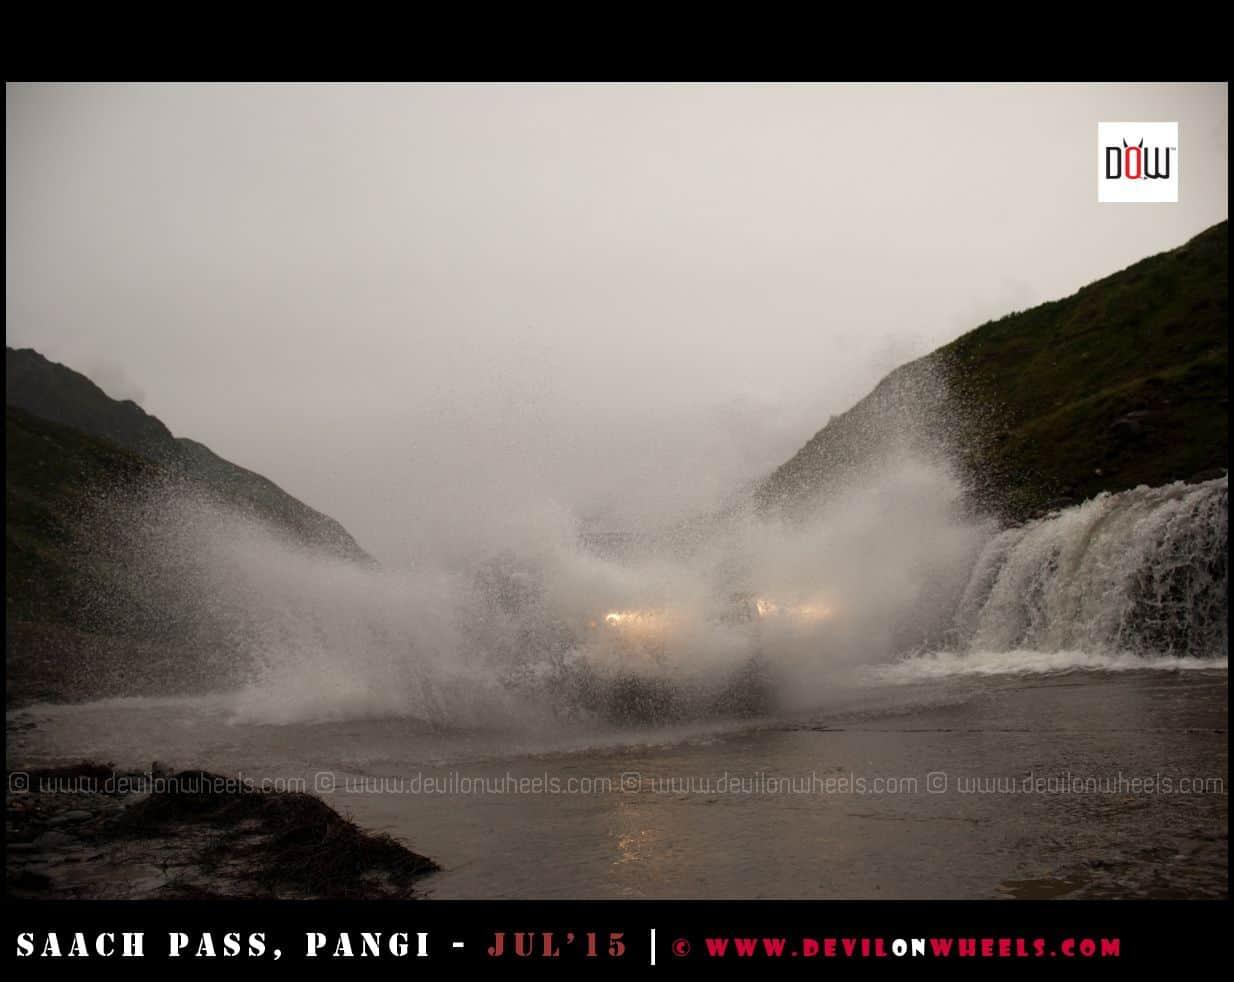 Splash time at Manali - Leh Highway